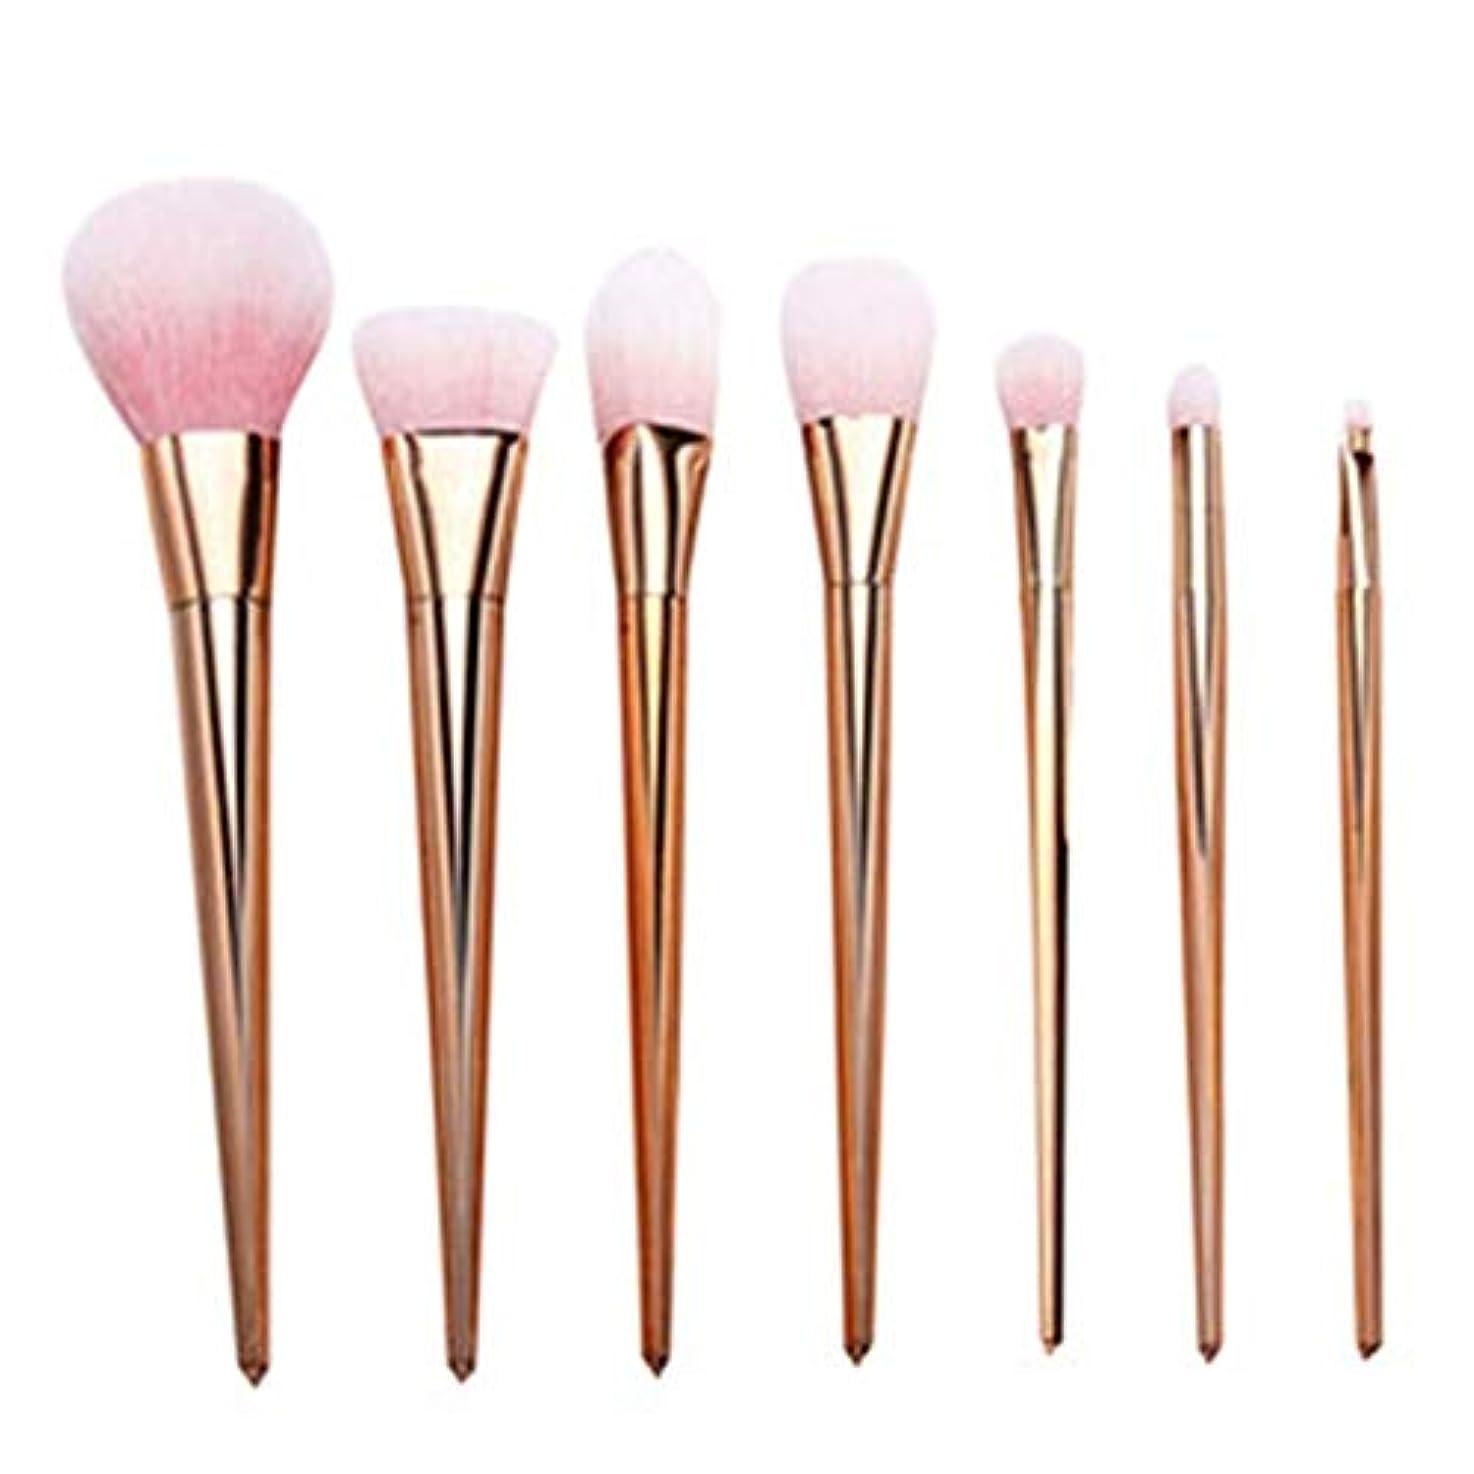 桁専門用語幸運プロ メイクブラシ 化粧筆 シリーズ 化粧ブラシセット 高級タクロン 超柔らかい 可愛い リップブラシツール 7本セット (Color : Rose Gold)